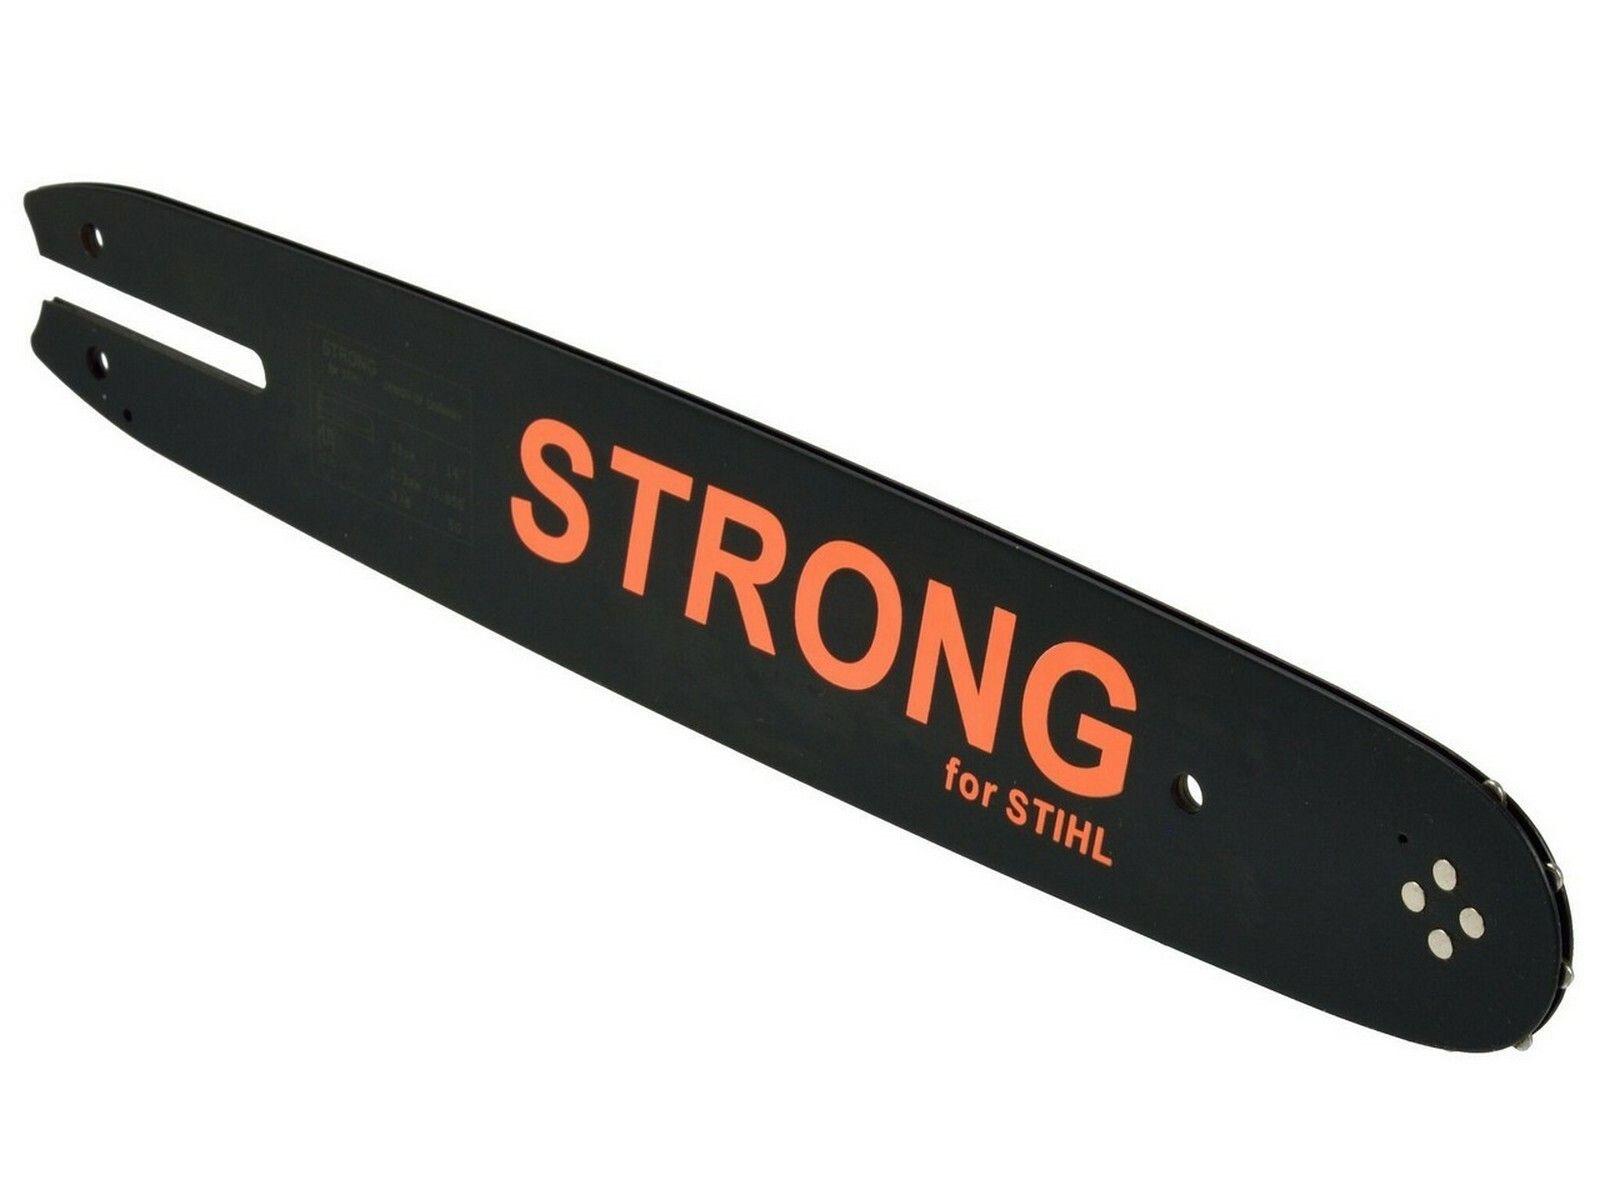 Lišta na řetěz, délka 350mm, 3/8, kompatibilní s pilou Stihl 05050, GEKO G74003